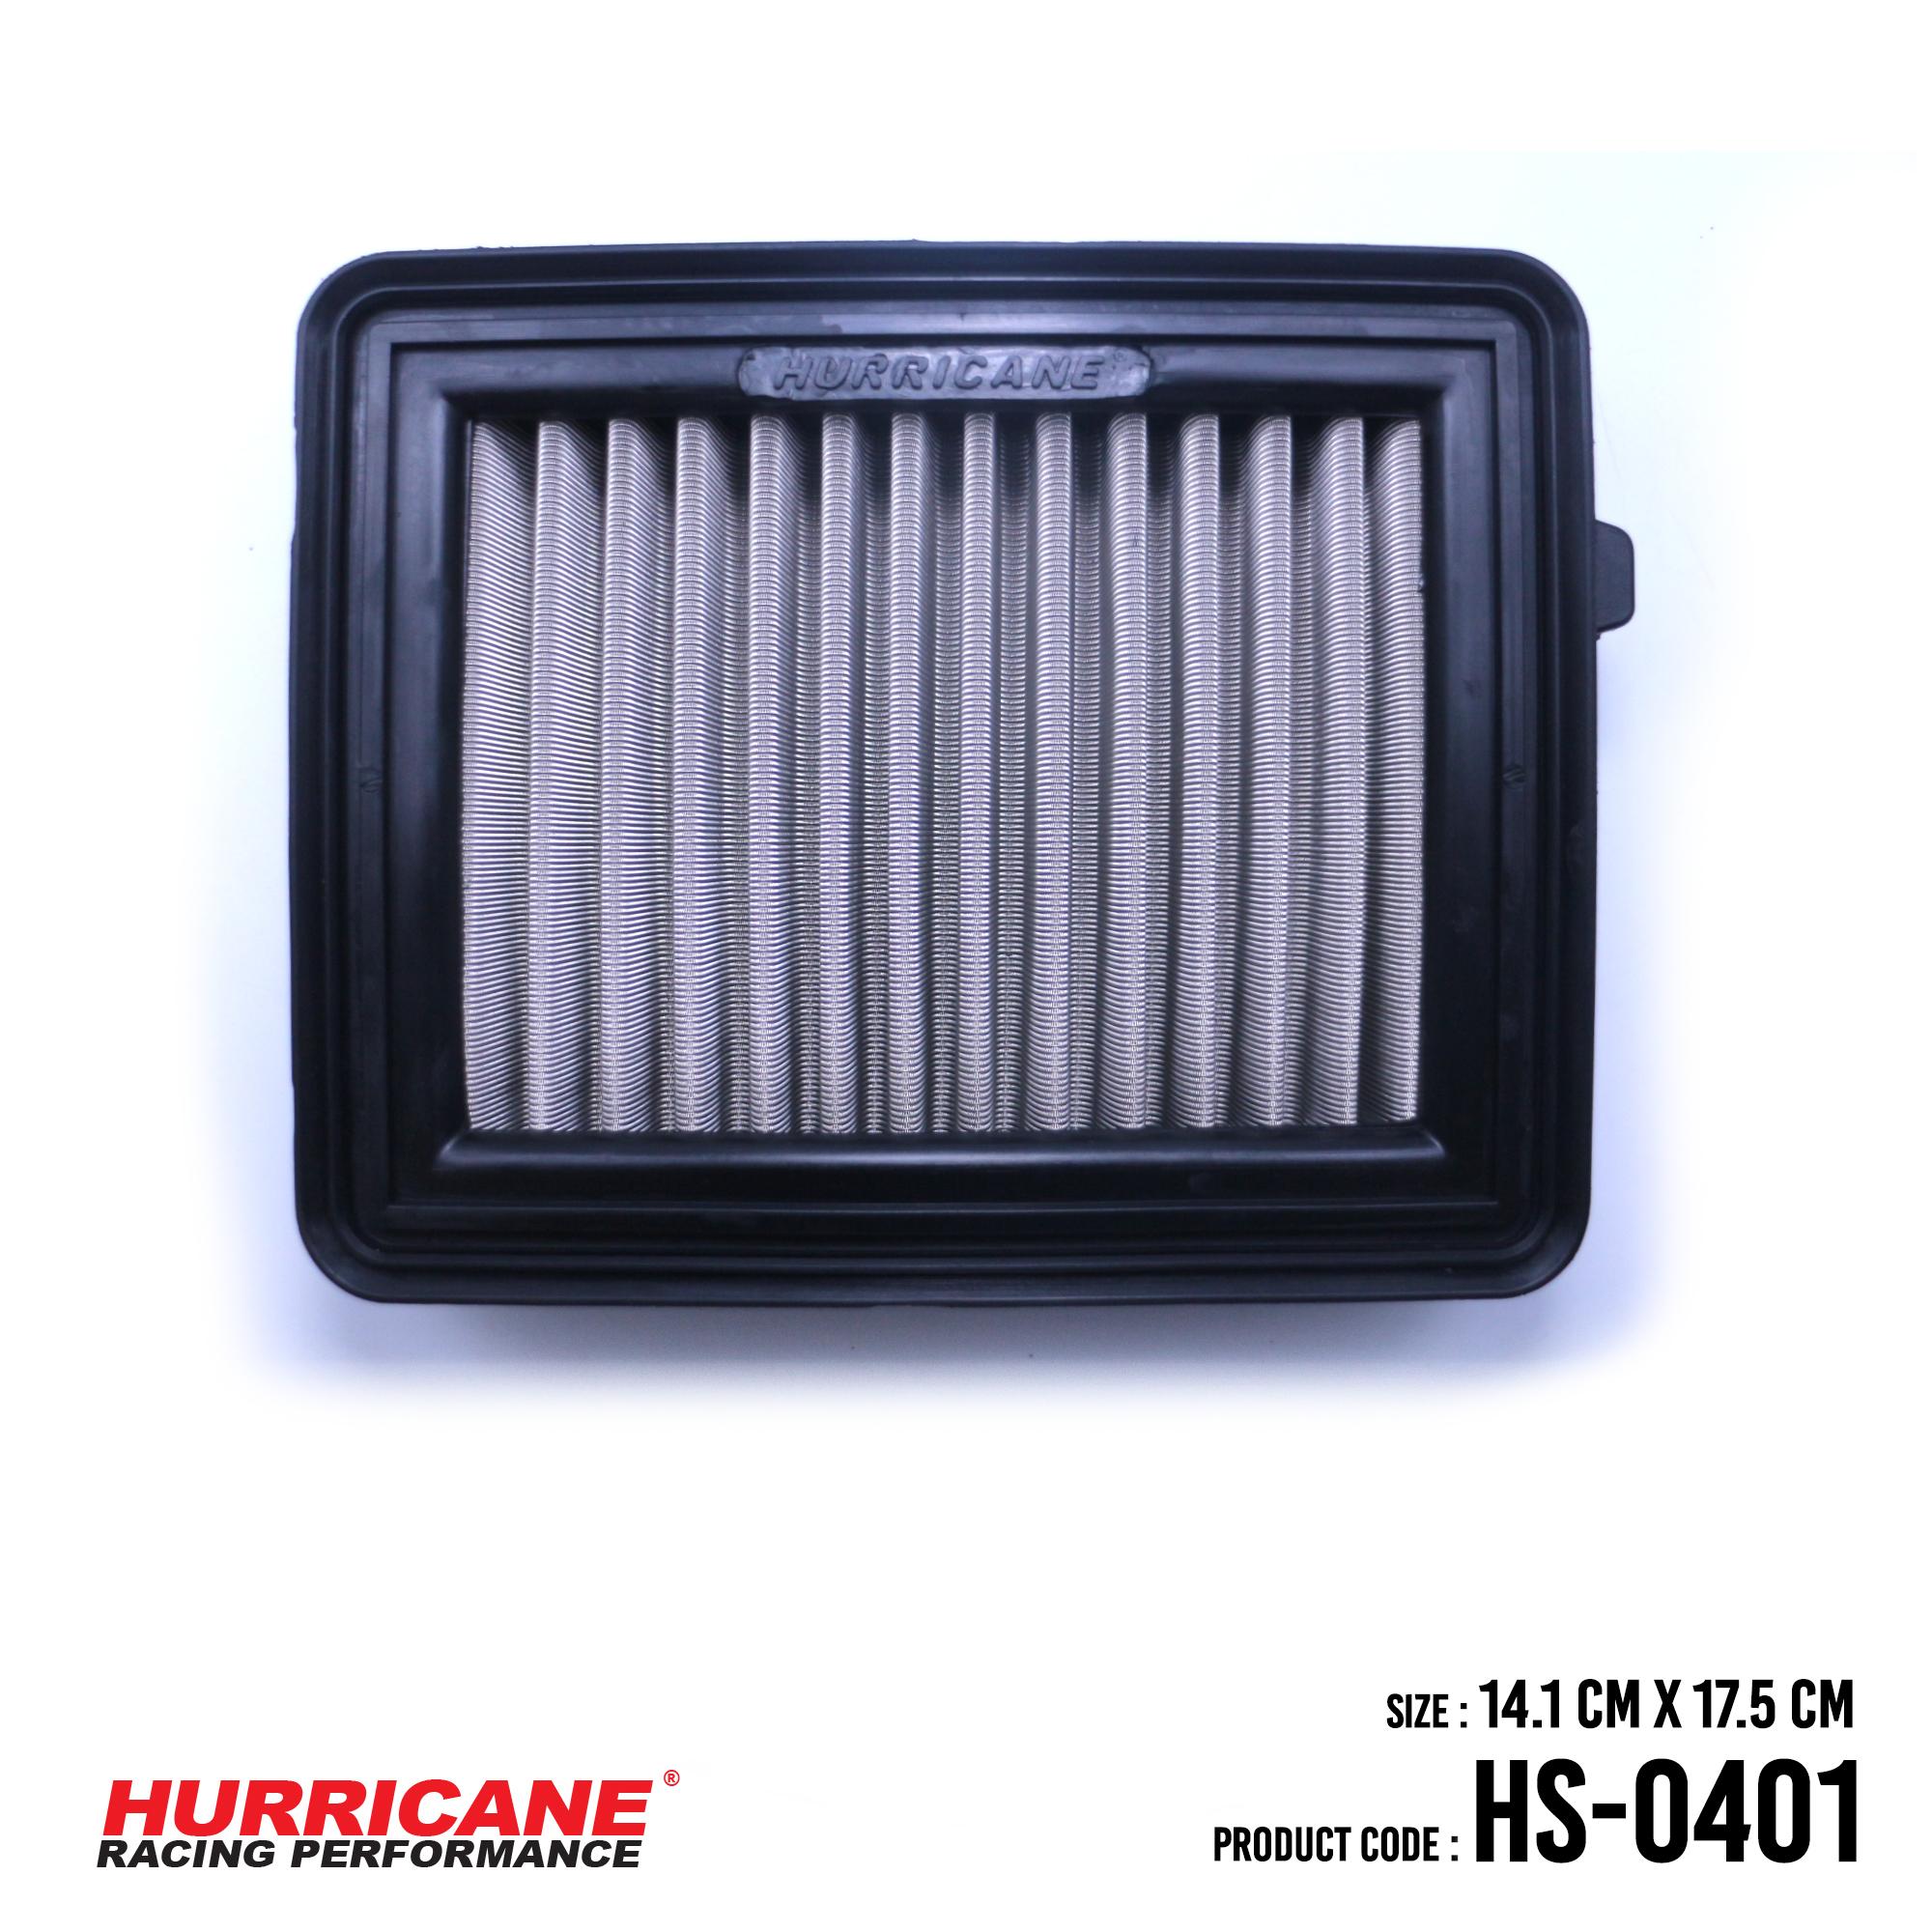 HURRICANE STAINLESS STEEL AIR FILTER FOR HS-0401 Honda